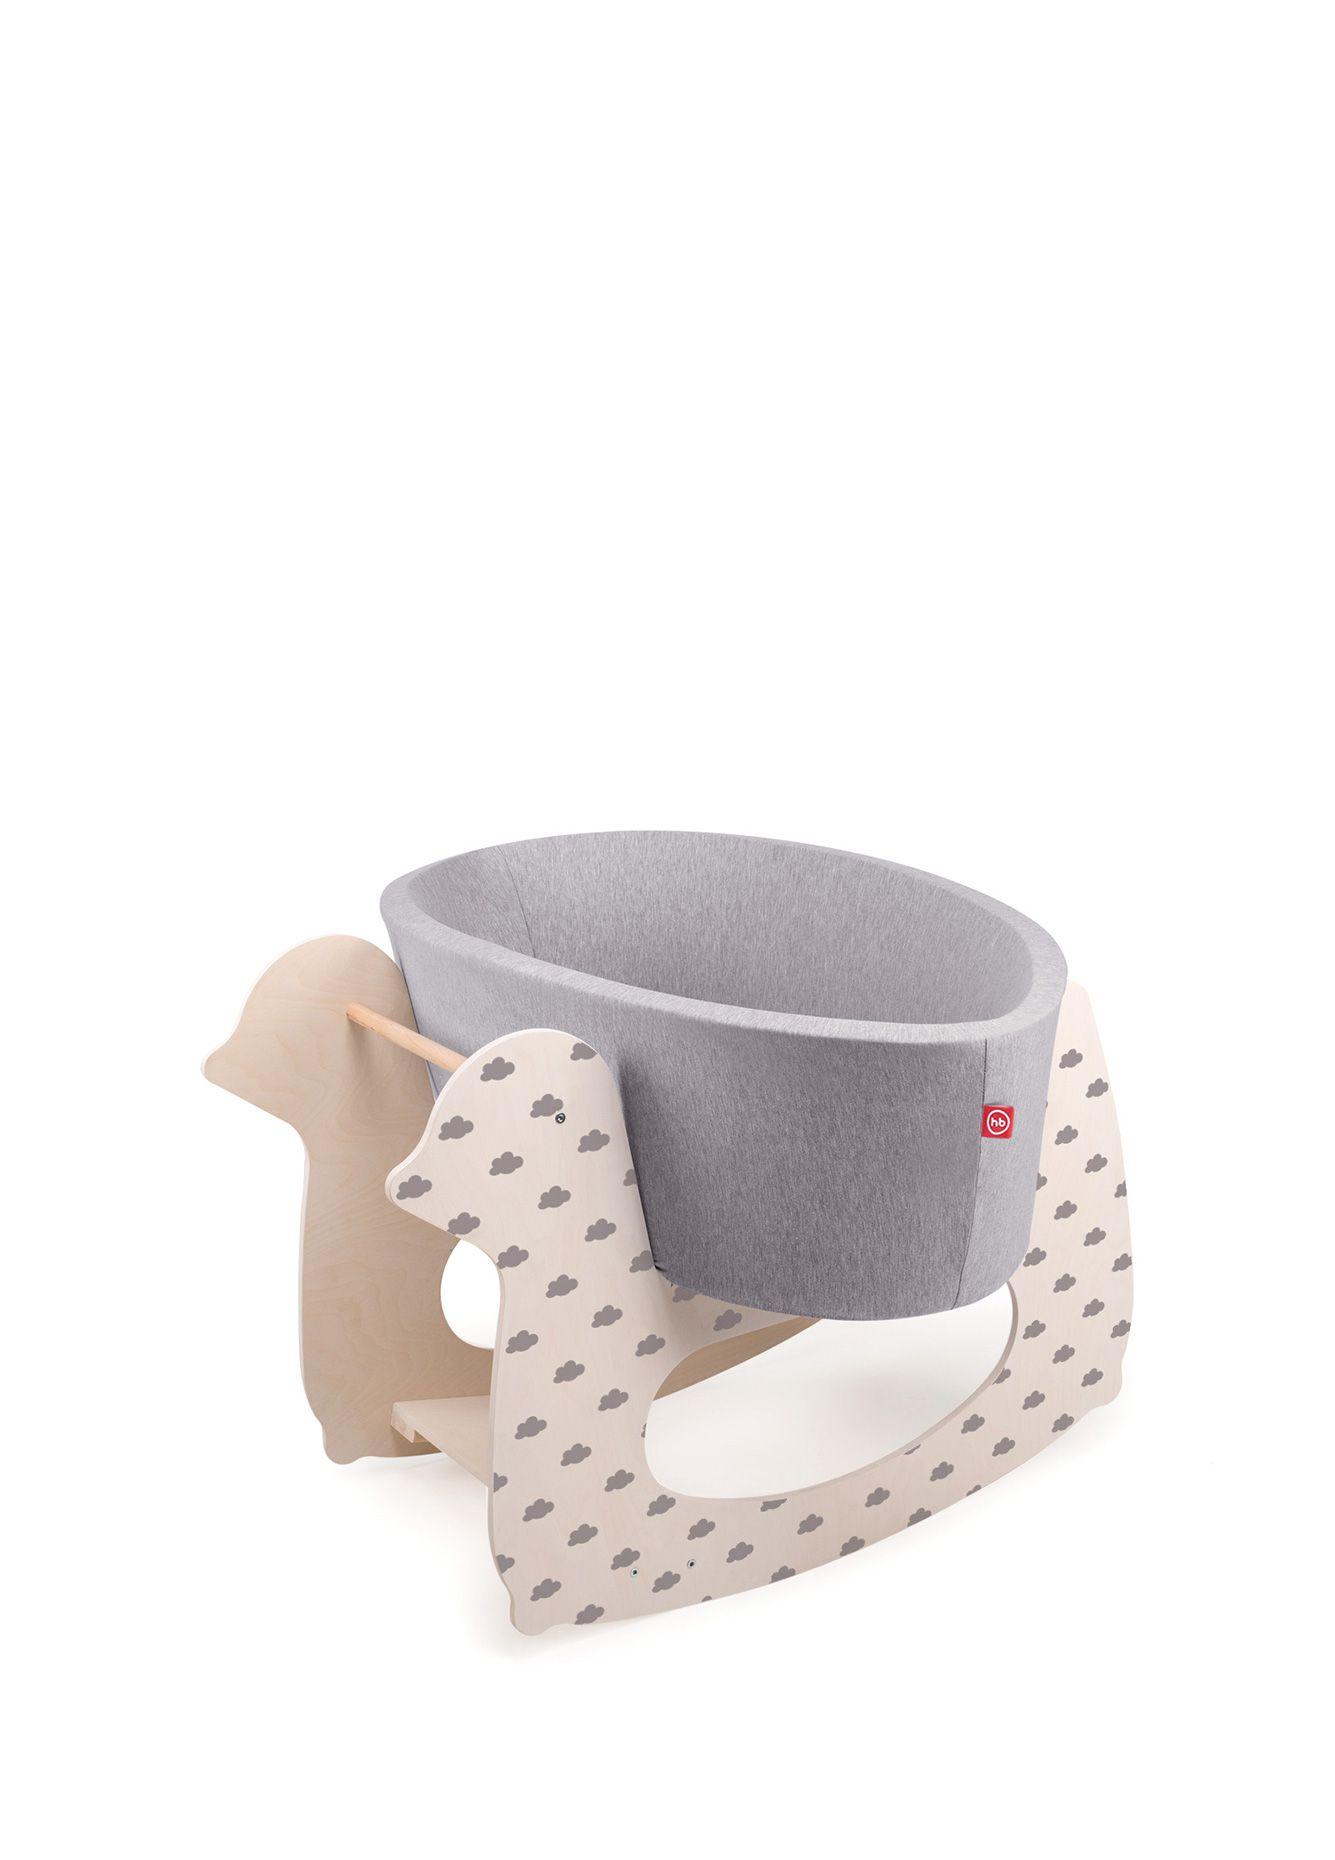 Люлька Happy baby milly в наборе с качалкой (цвет люльки – серый, качалки – облачко)